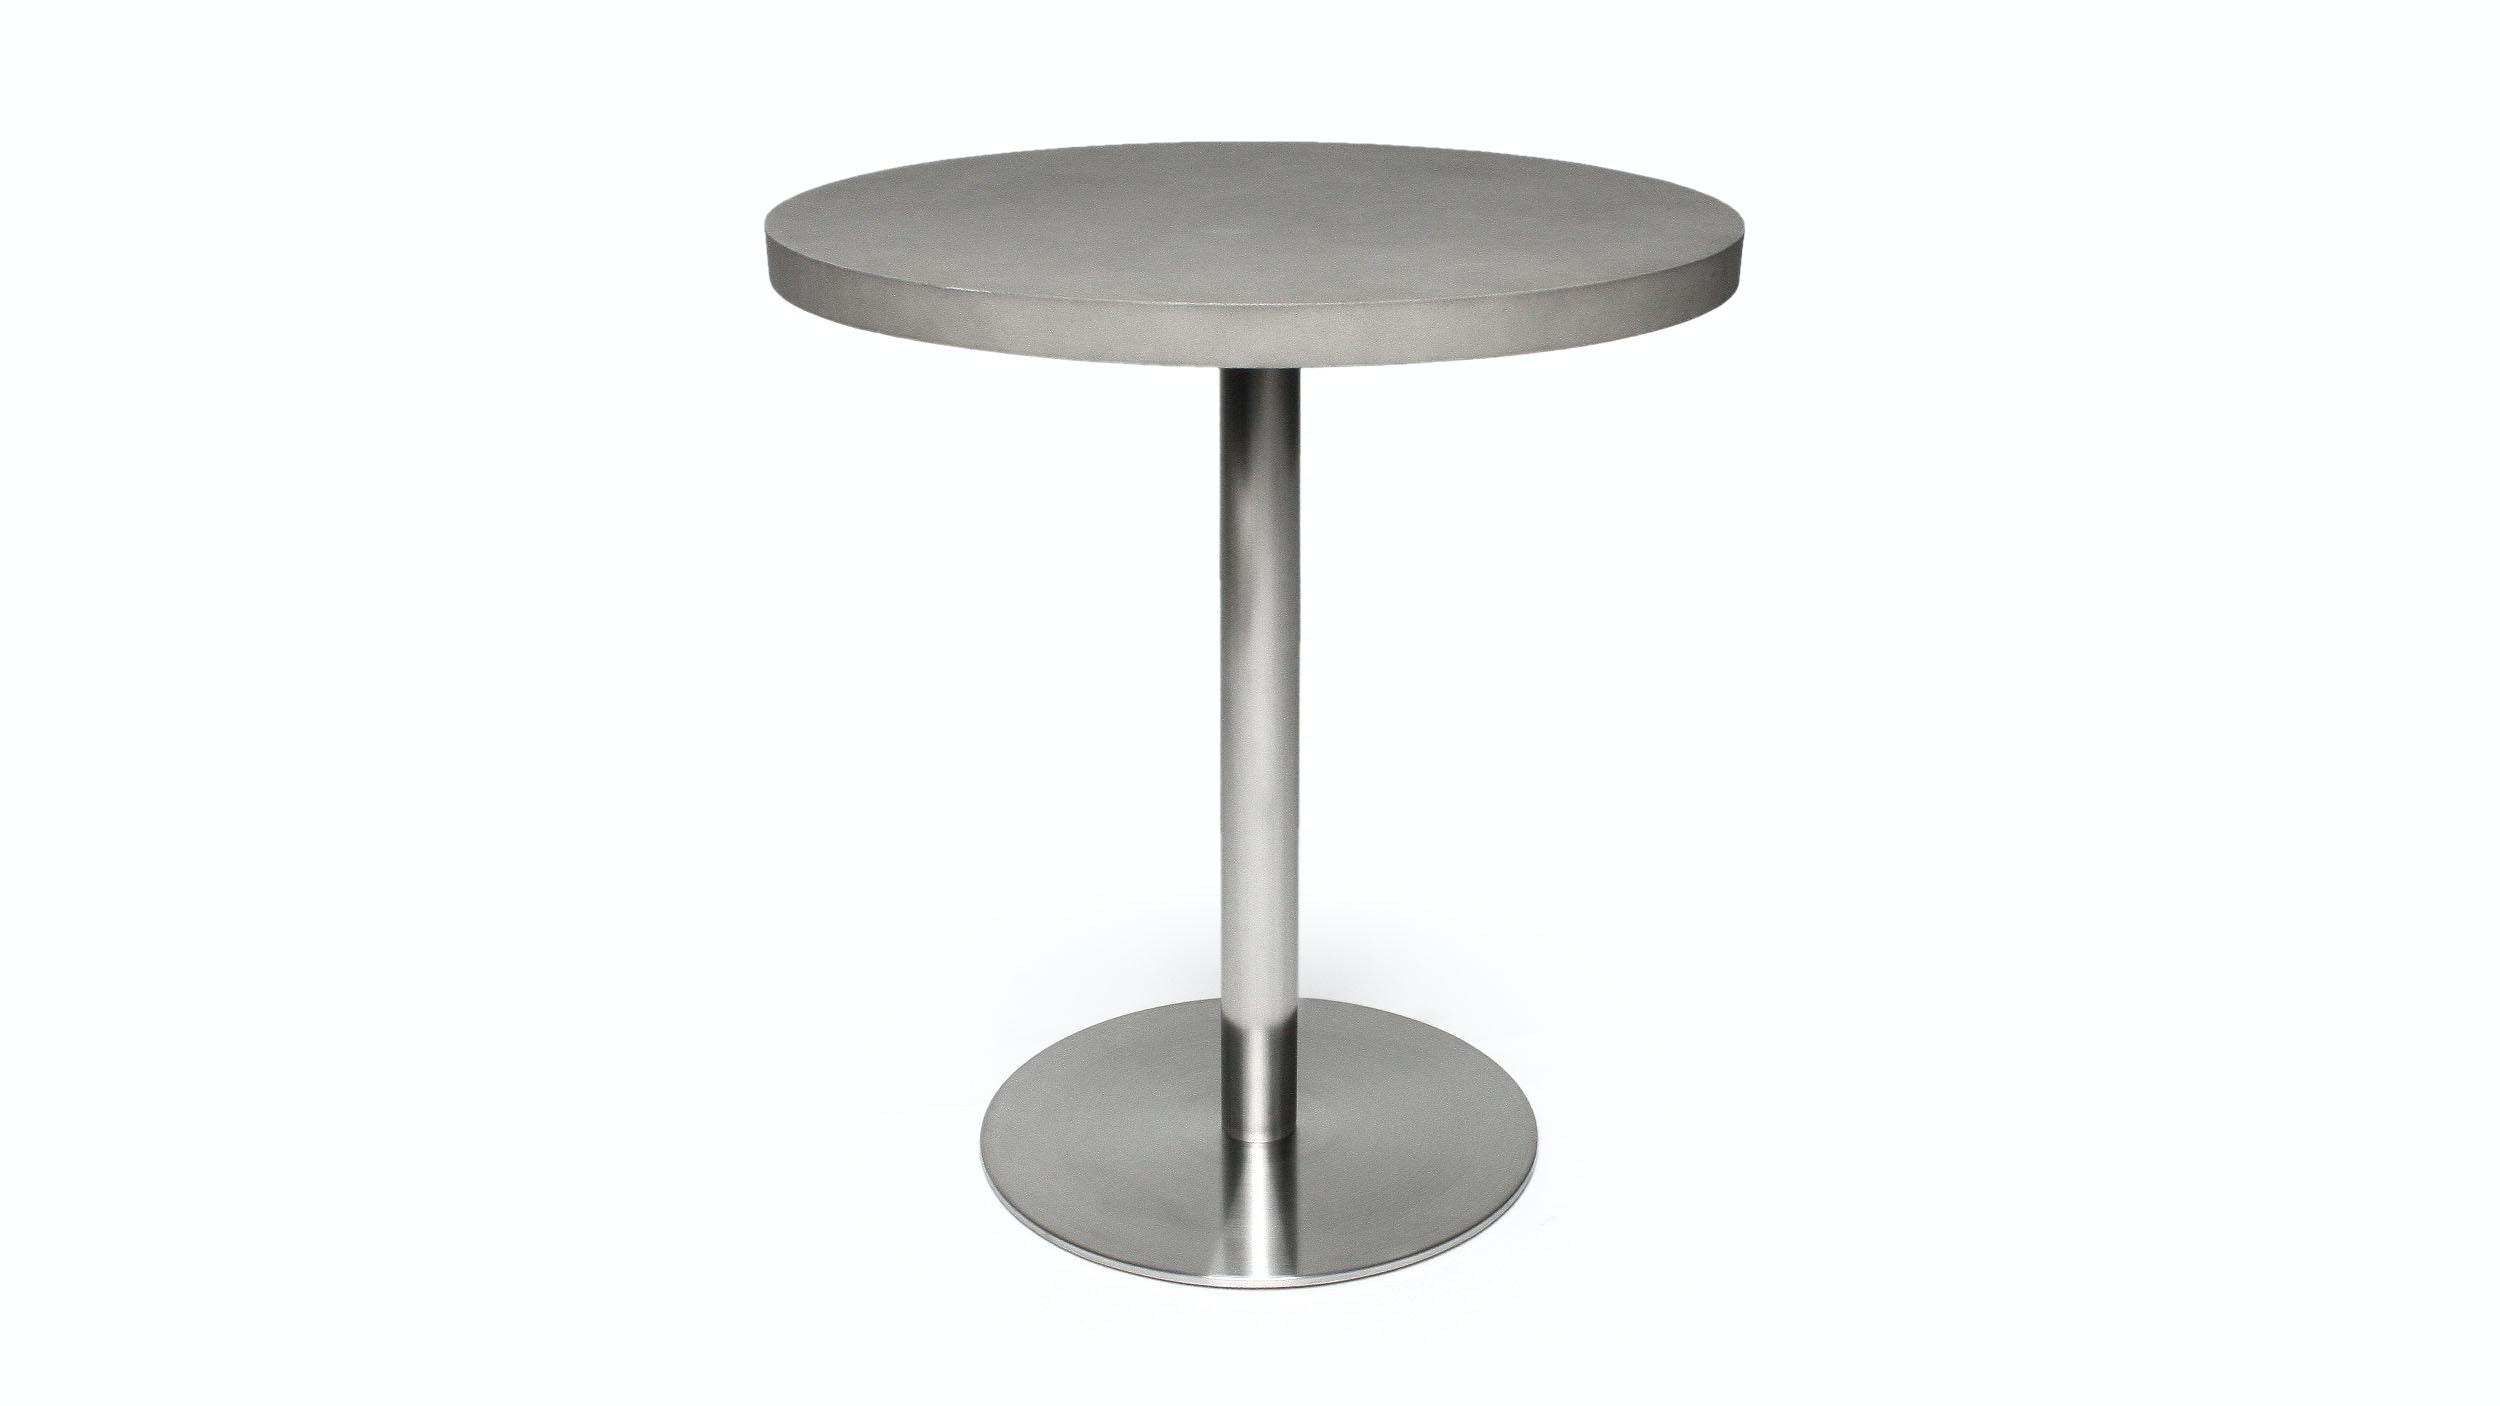 Dl 09071 Sl 105 1 Bistro Round Dining Table 00001